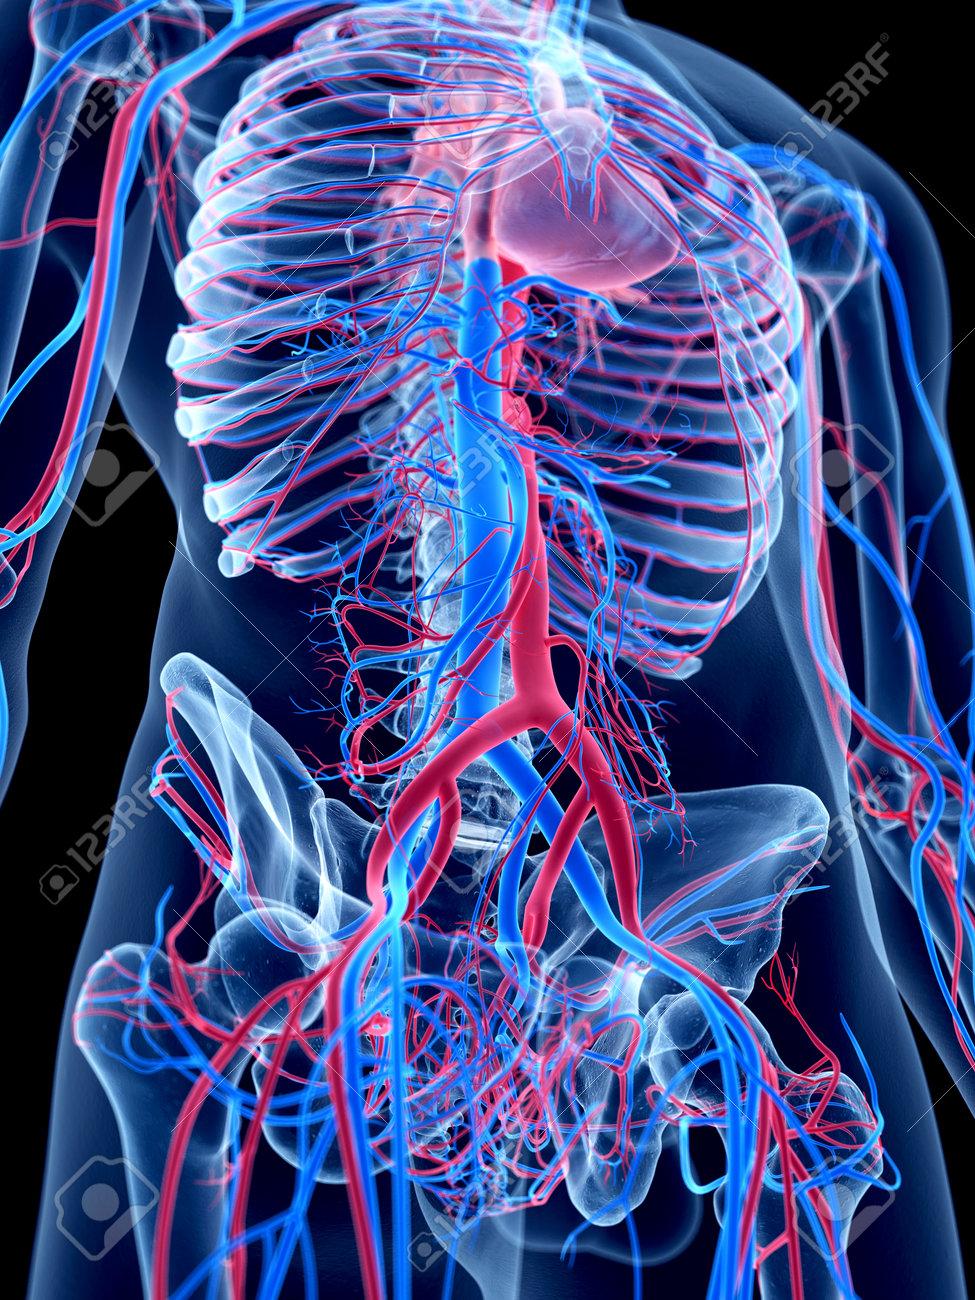 Das Menschliche Gefäßsystem - Das Abdomen Lizenzfreie Fotos, Bilder ...